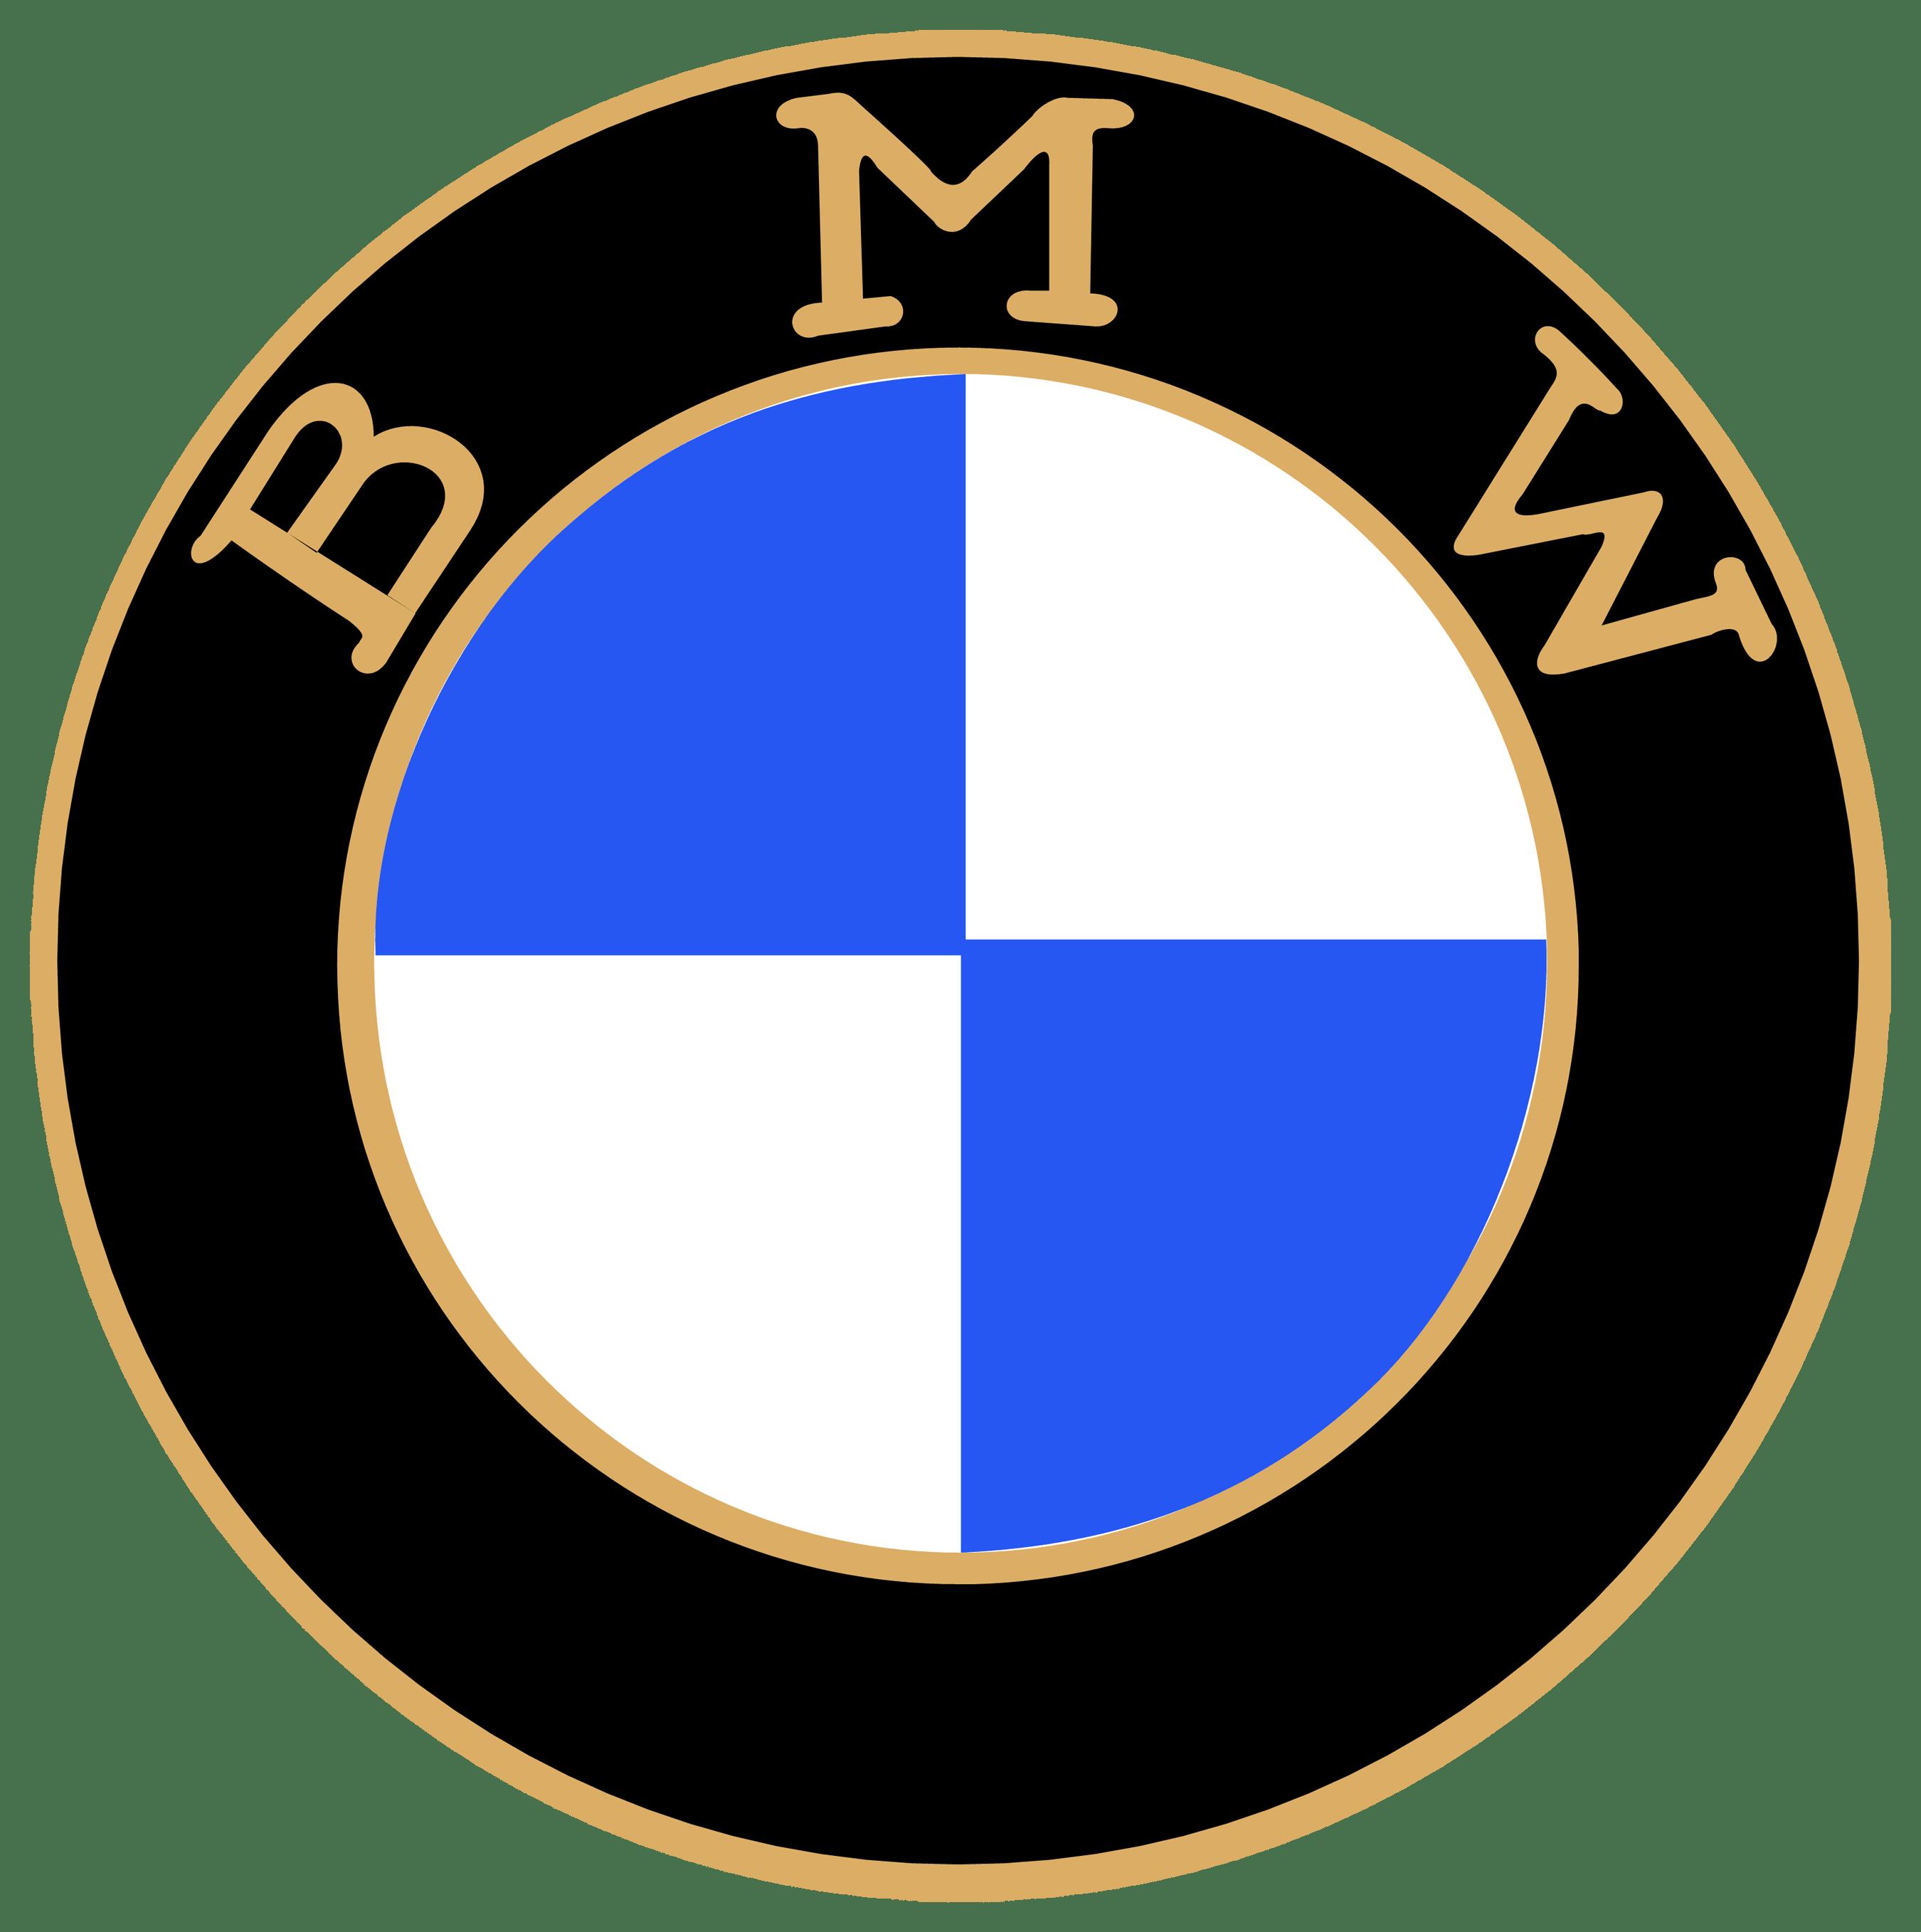 Resultado de imagen para old bmw logo